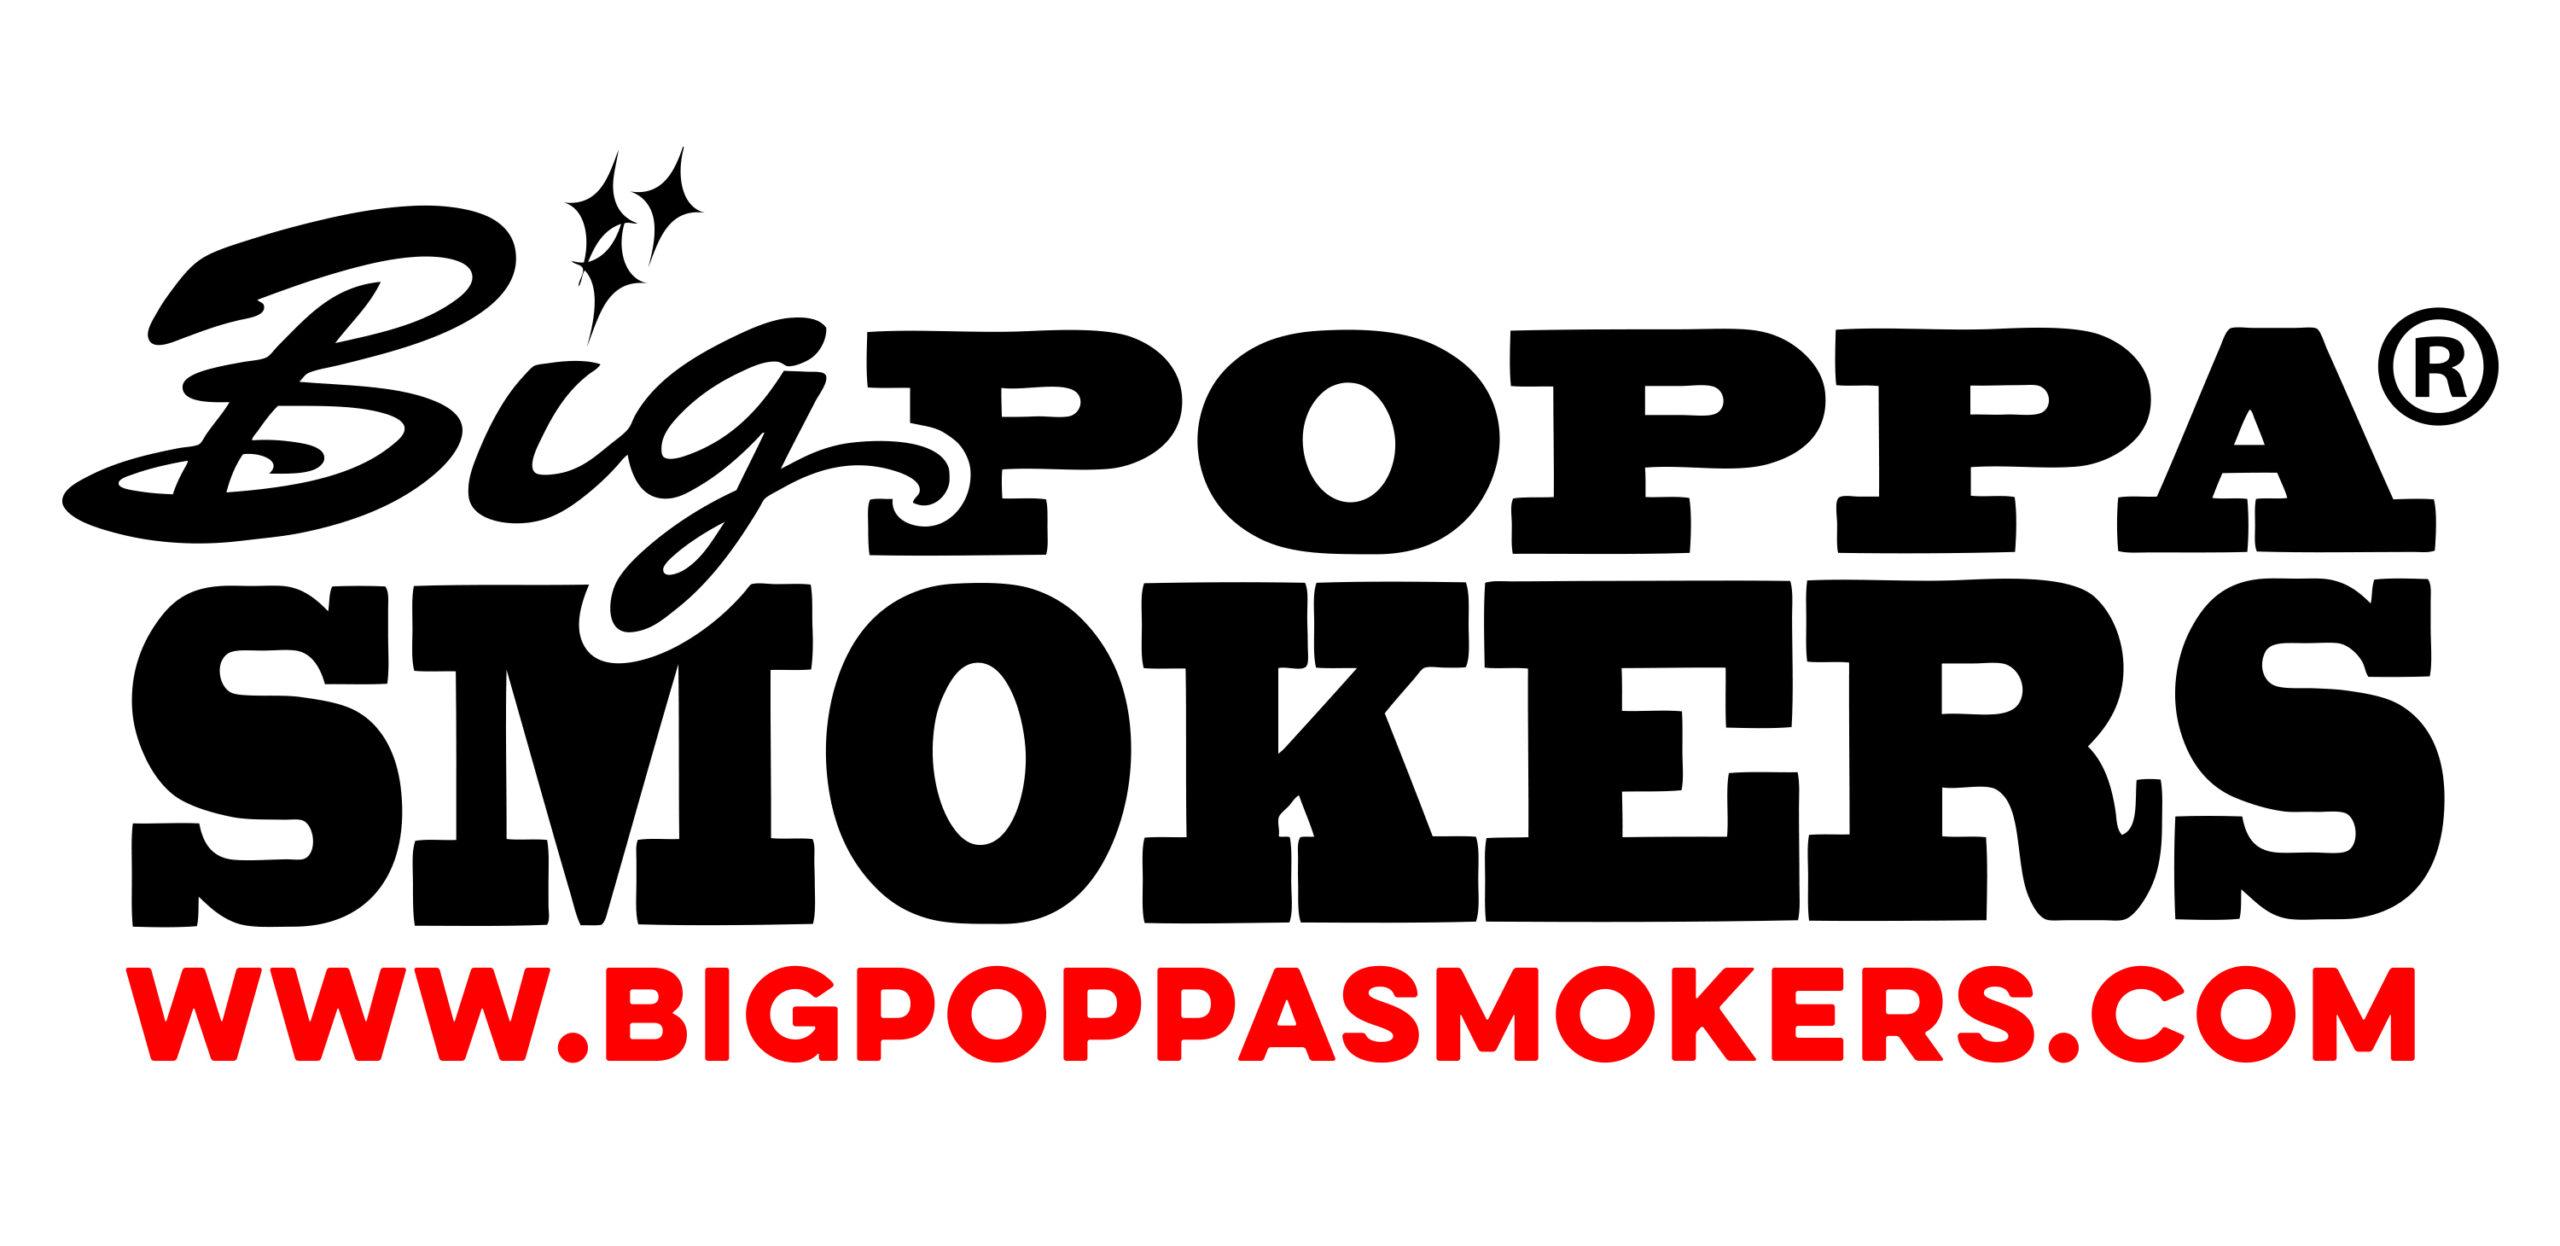 https://dealershop.resaco.nl/wp-content/uploads/2021/07/BPS-STACKED-LOGO-WHITE-BG-scaled.jpg